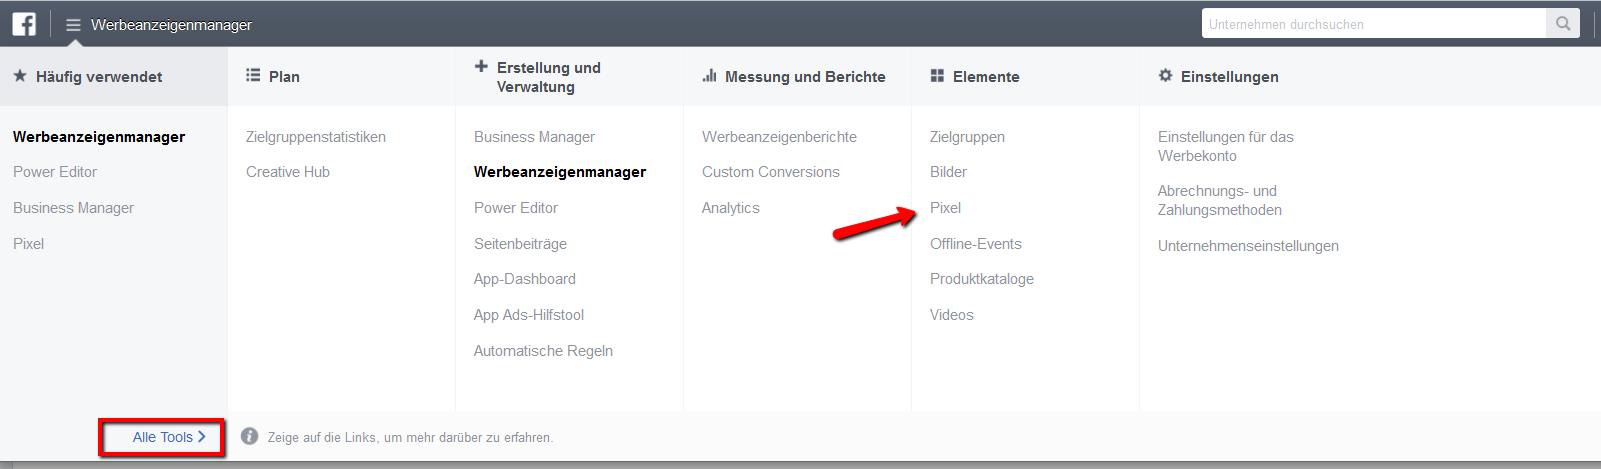 Facebook Pixel für WordPress aus dem Werbeanzeigenmanager generieren